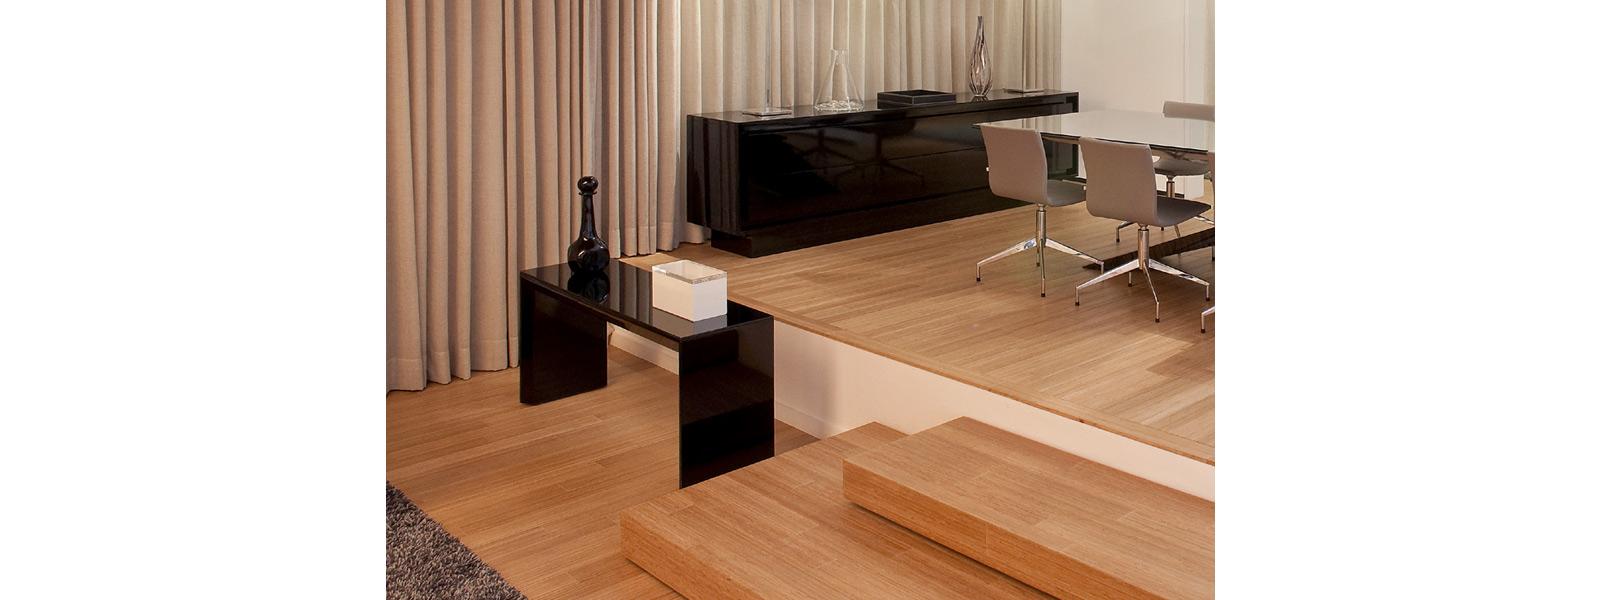 capa-piso-bambu